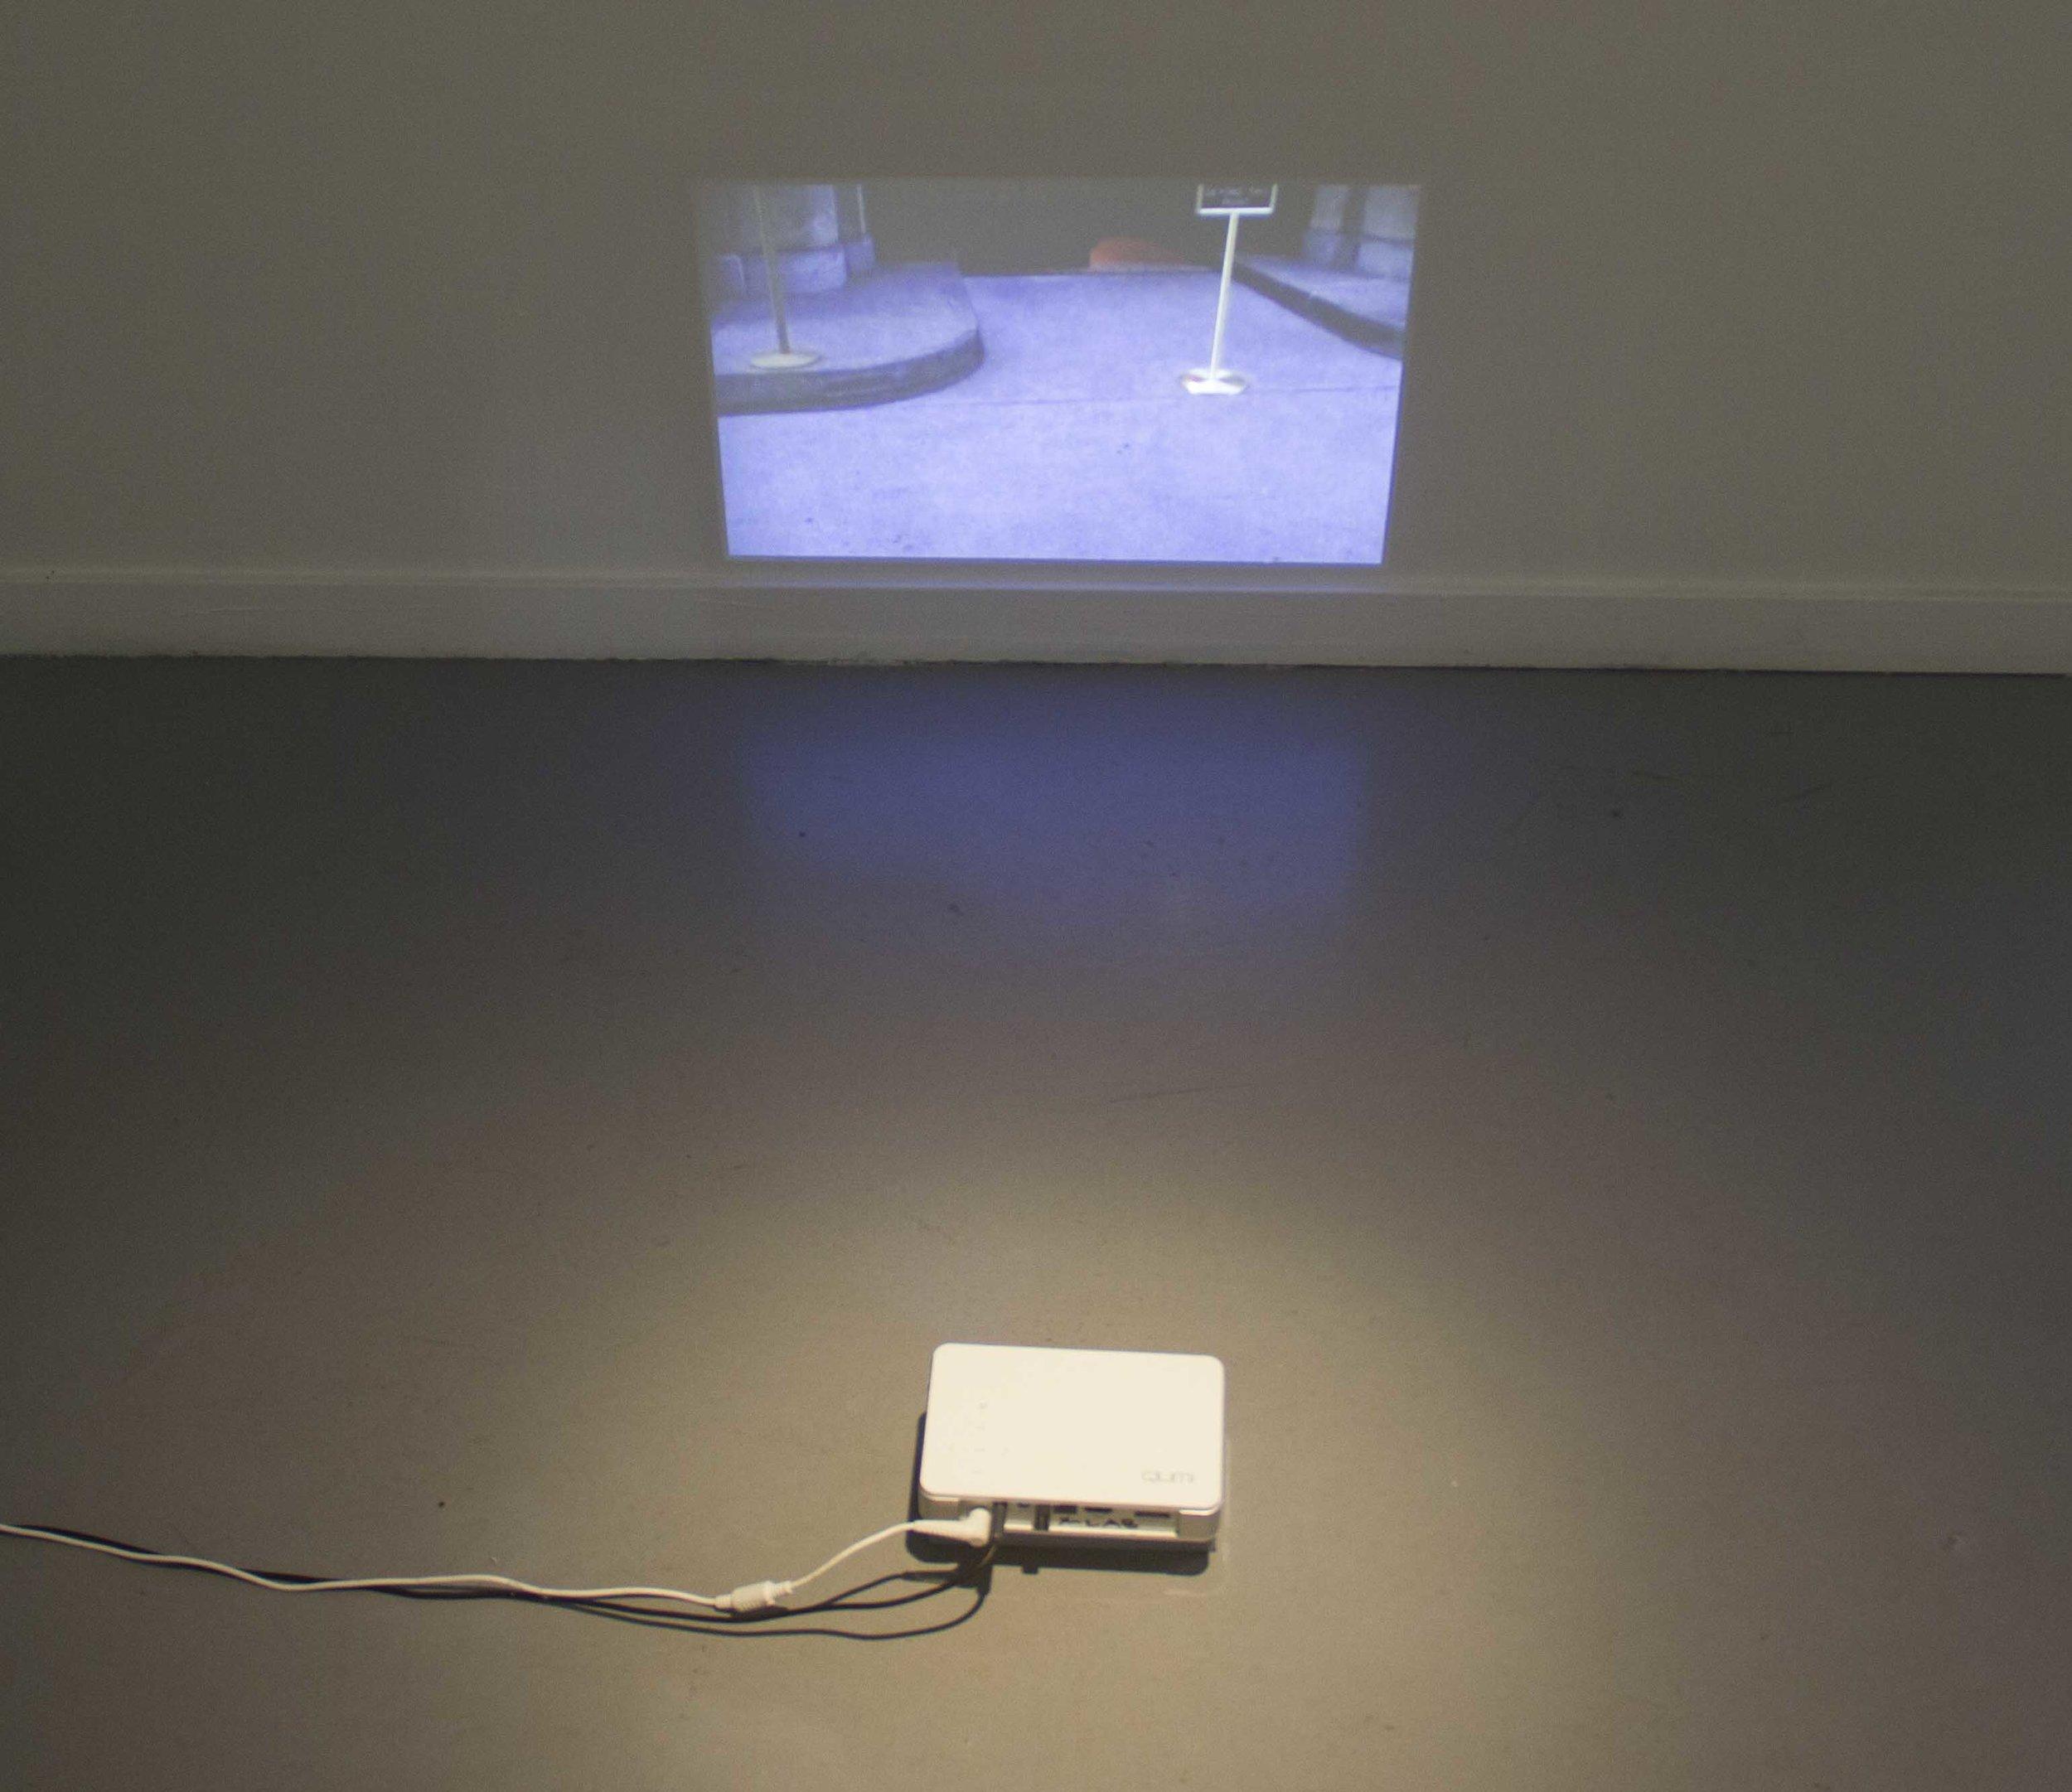 FAFA installation_7.jpg